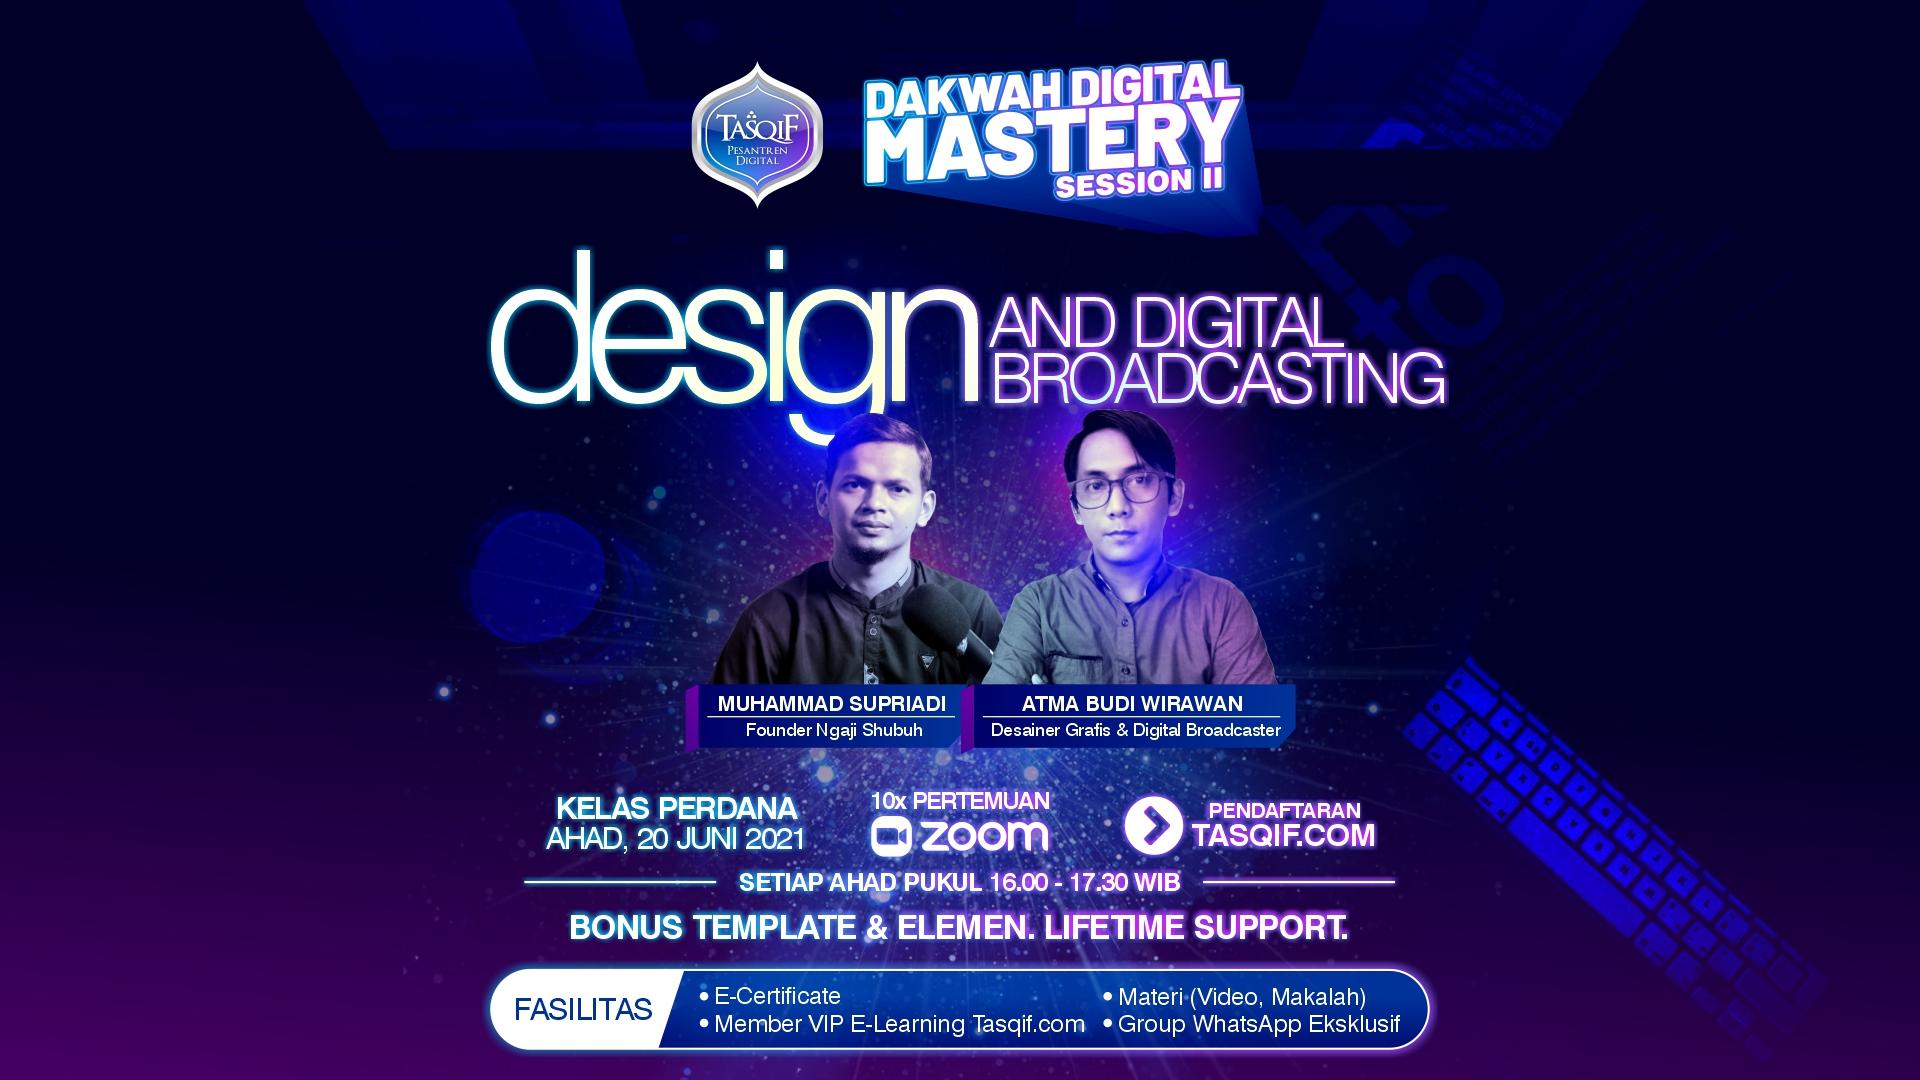 Desain dan Digital Broadcasting